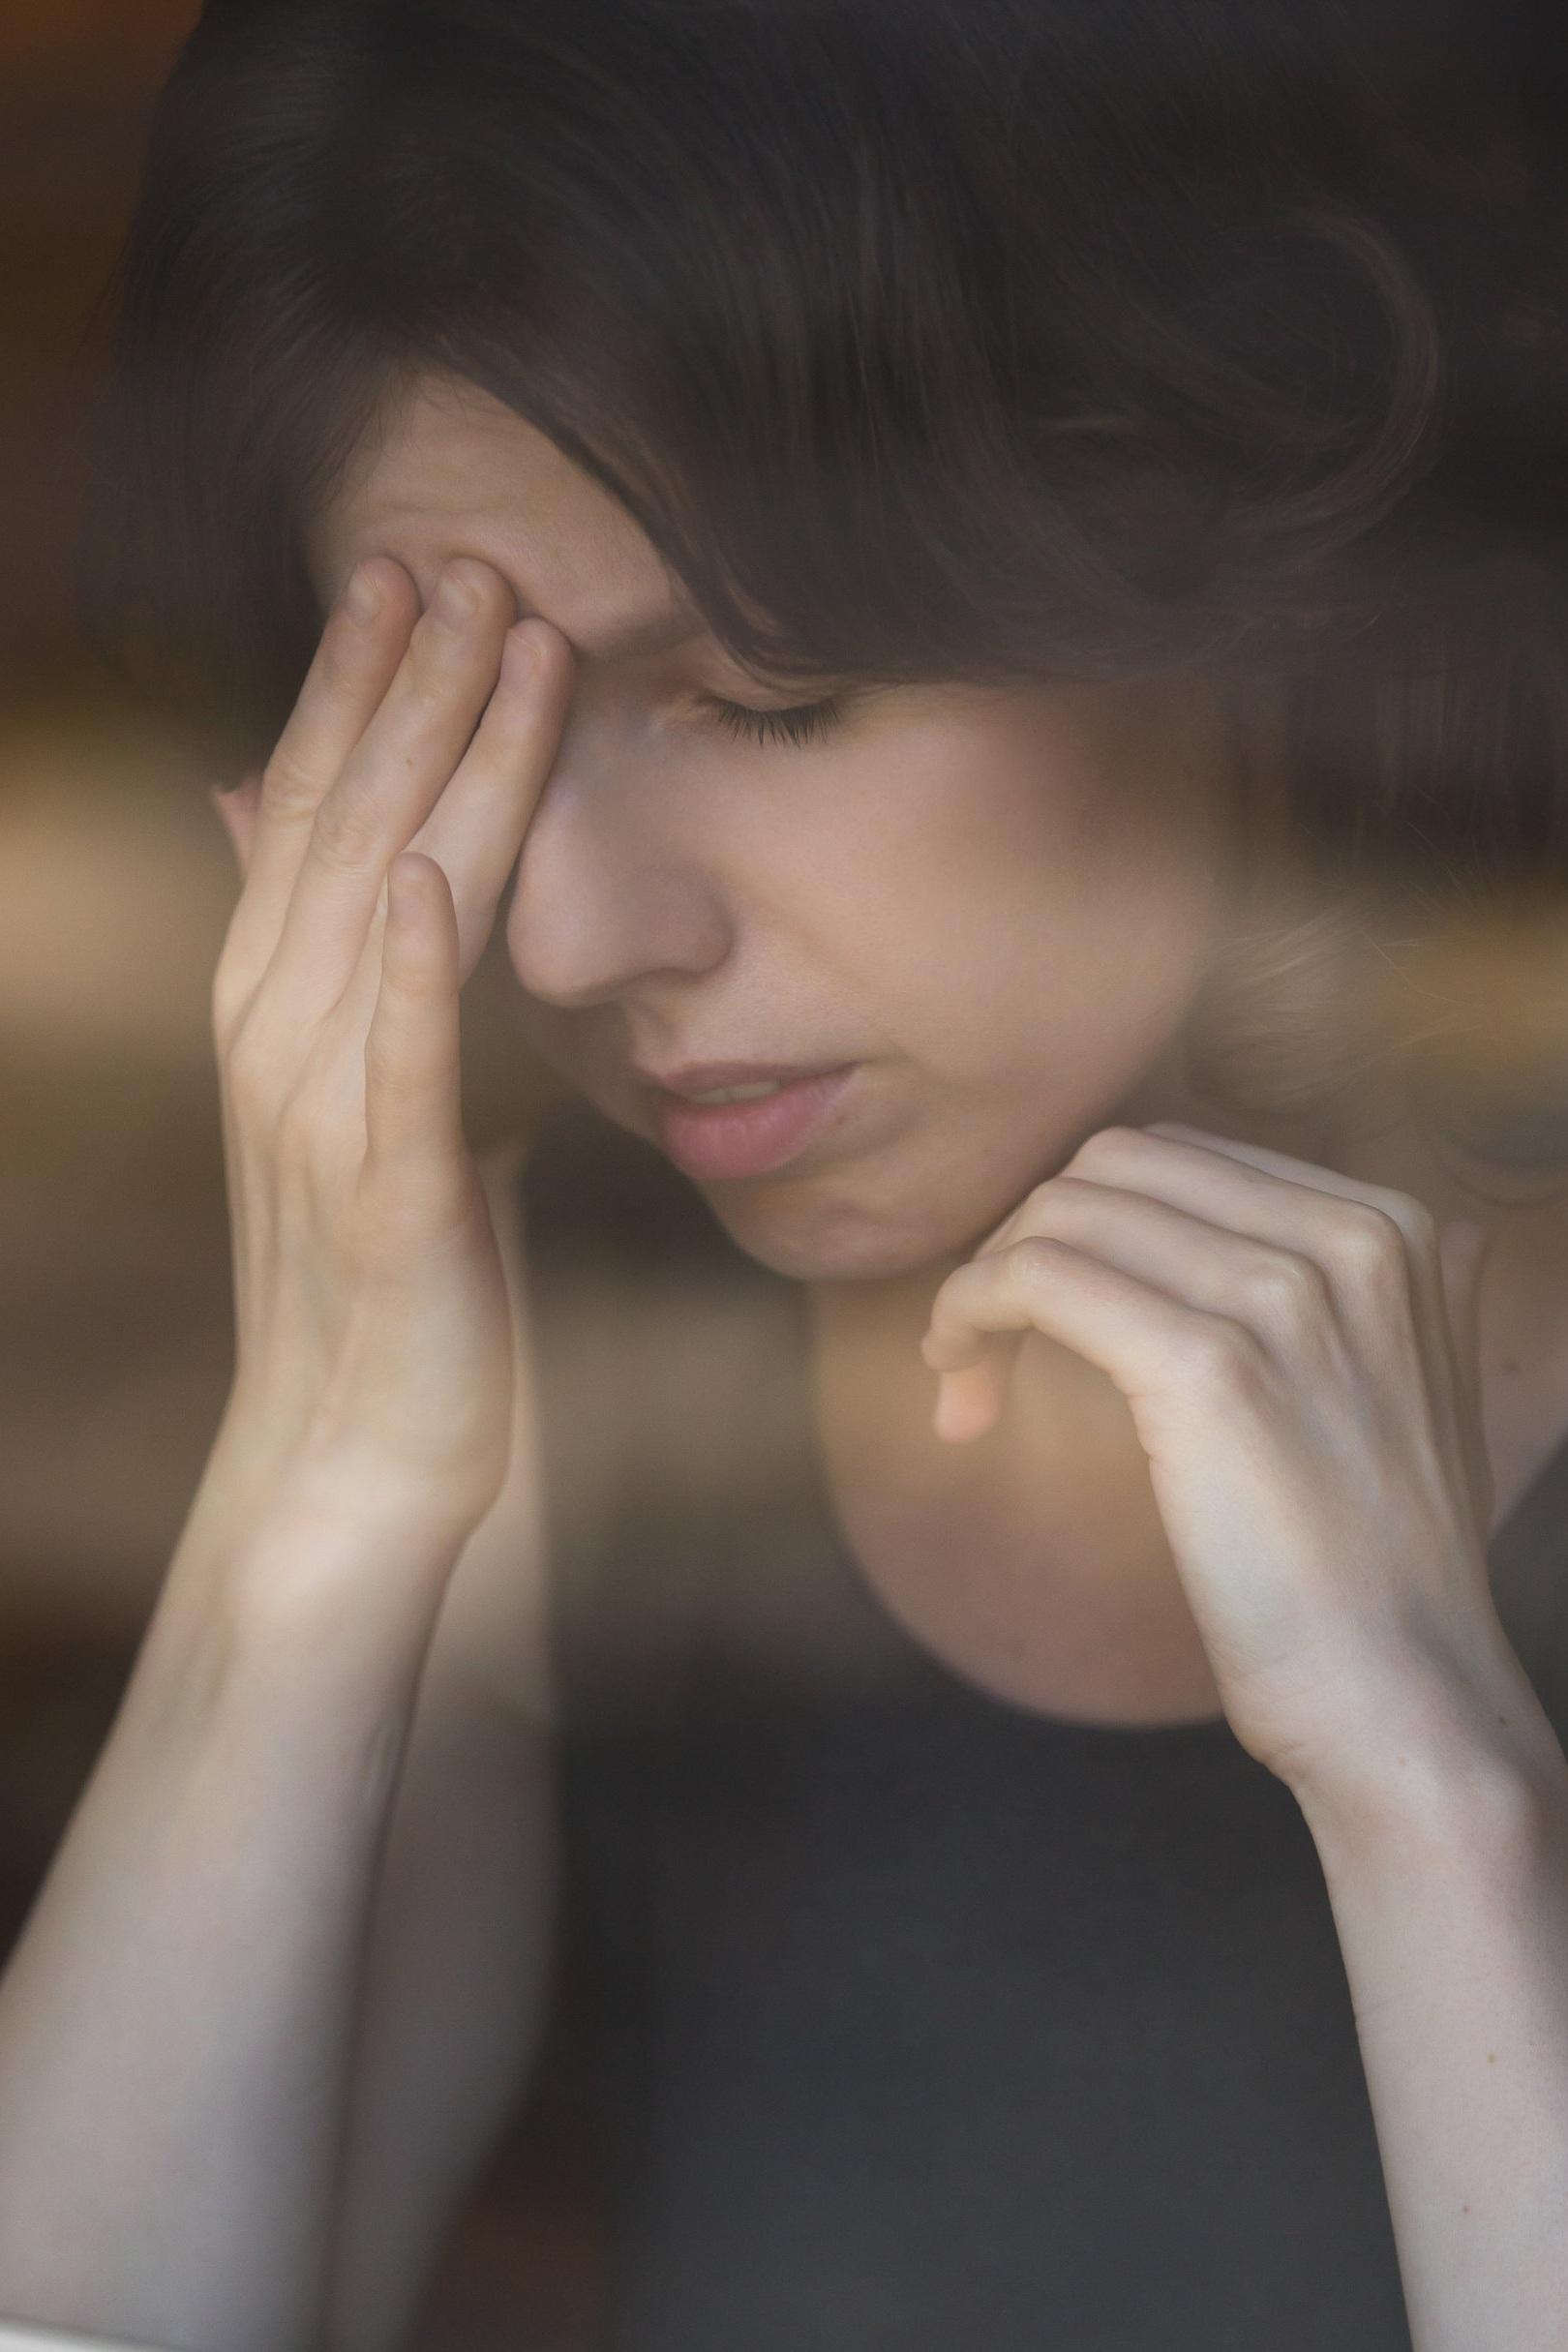 - Majoritairement les perturbations s'expriment sous forme d'irritabilité, angoisses, cauchemars, reviviscences et ruminations à propos du vécu traumatique, tendance à l'isolement, état dépressif, comportement agité voire violent, douleurs physiques, somatisations.Cet état chronique du trouble peut entraîner dépression, addictions, trouble du comportement alimentaire, attaques de panique, phobies, …